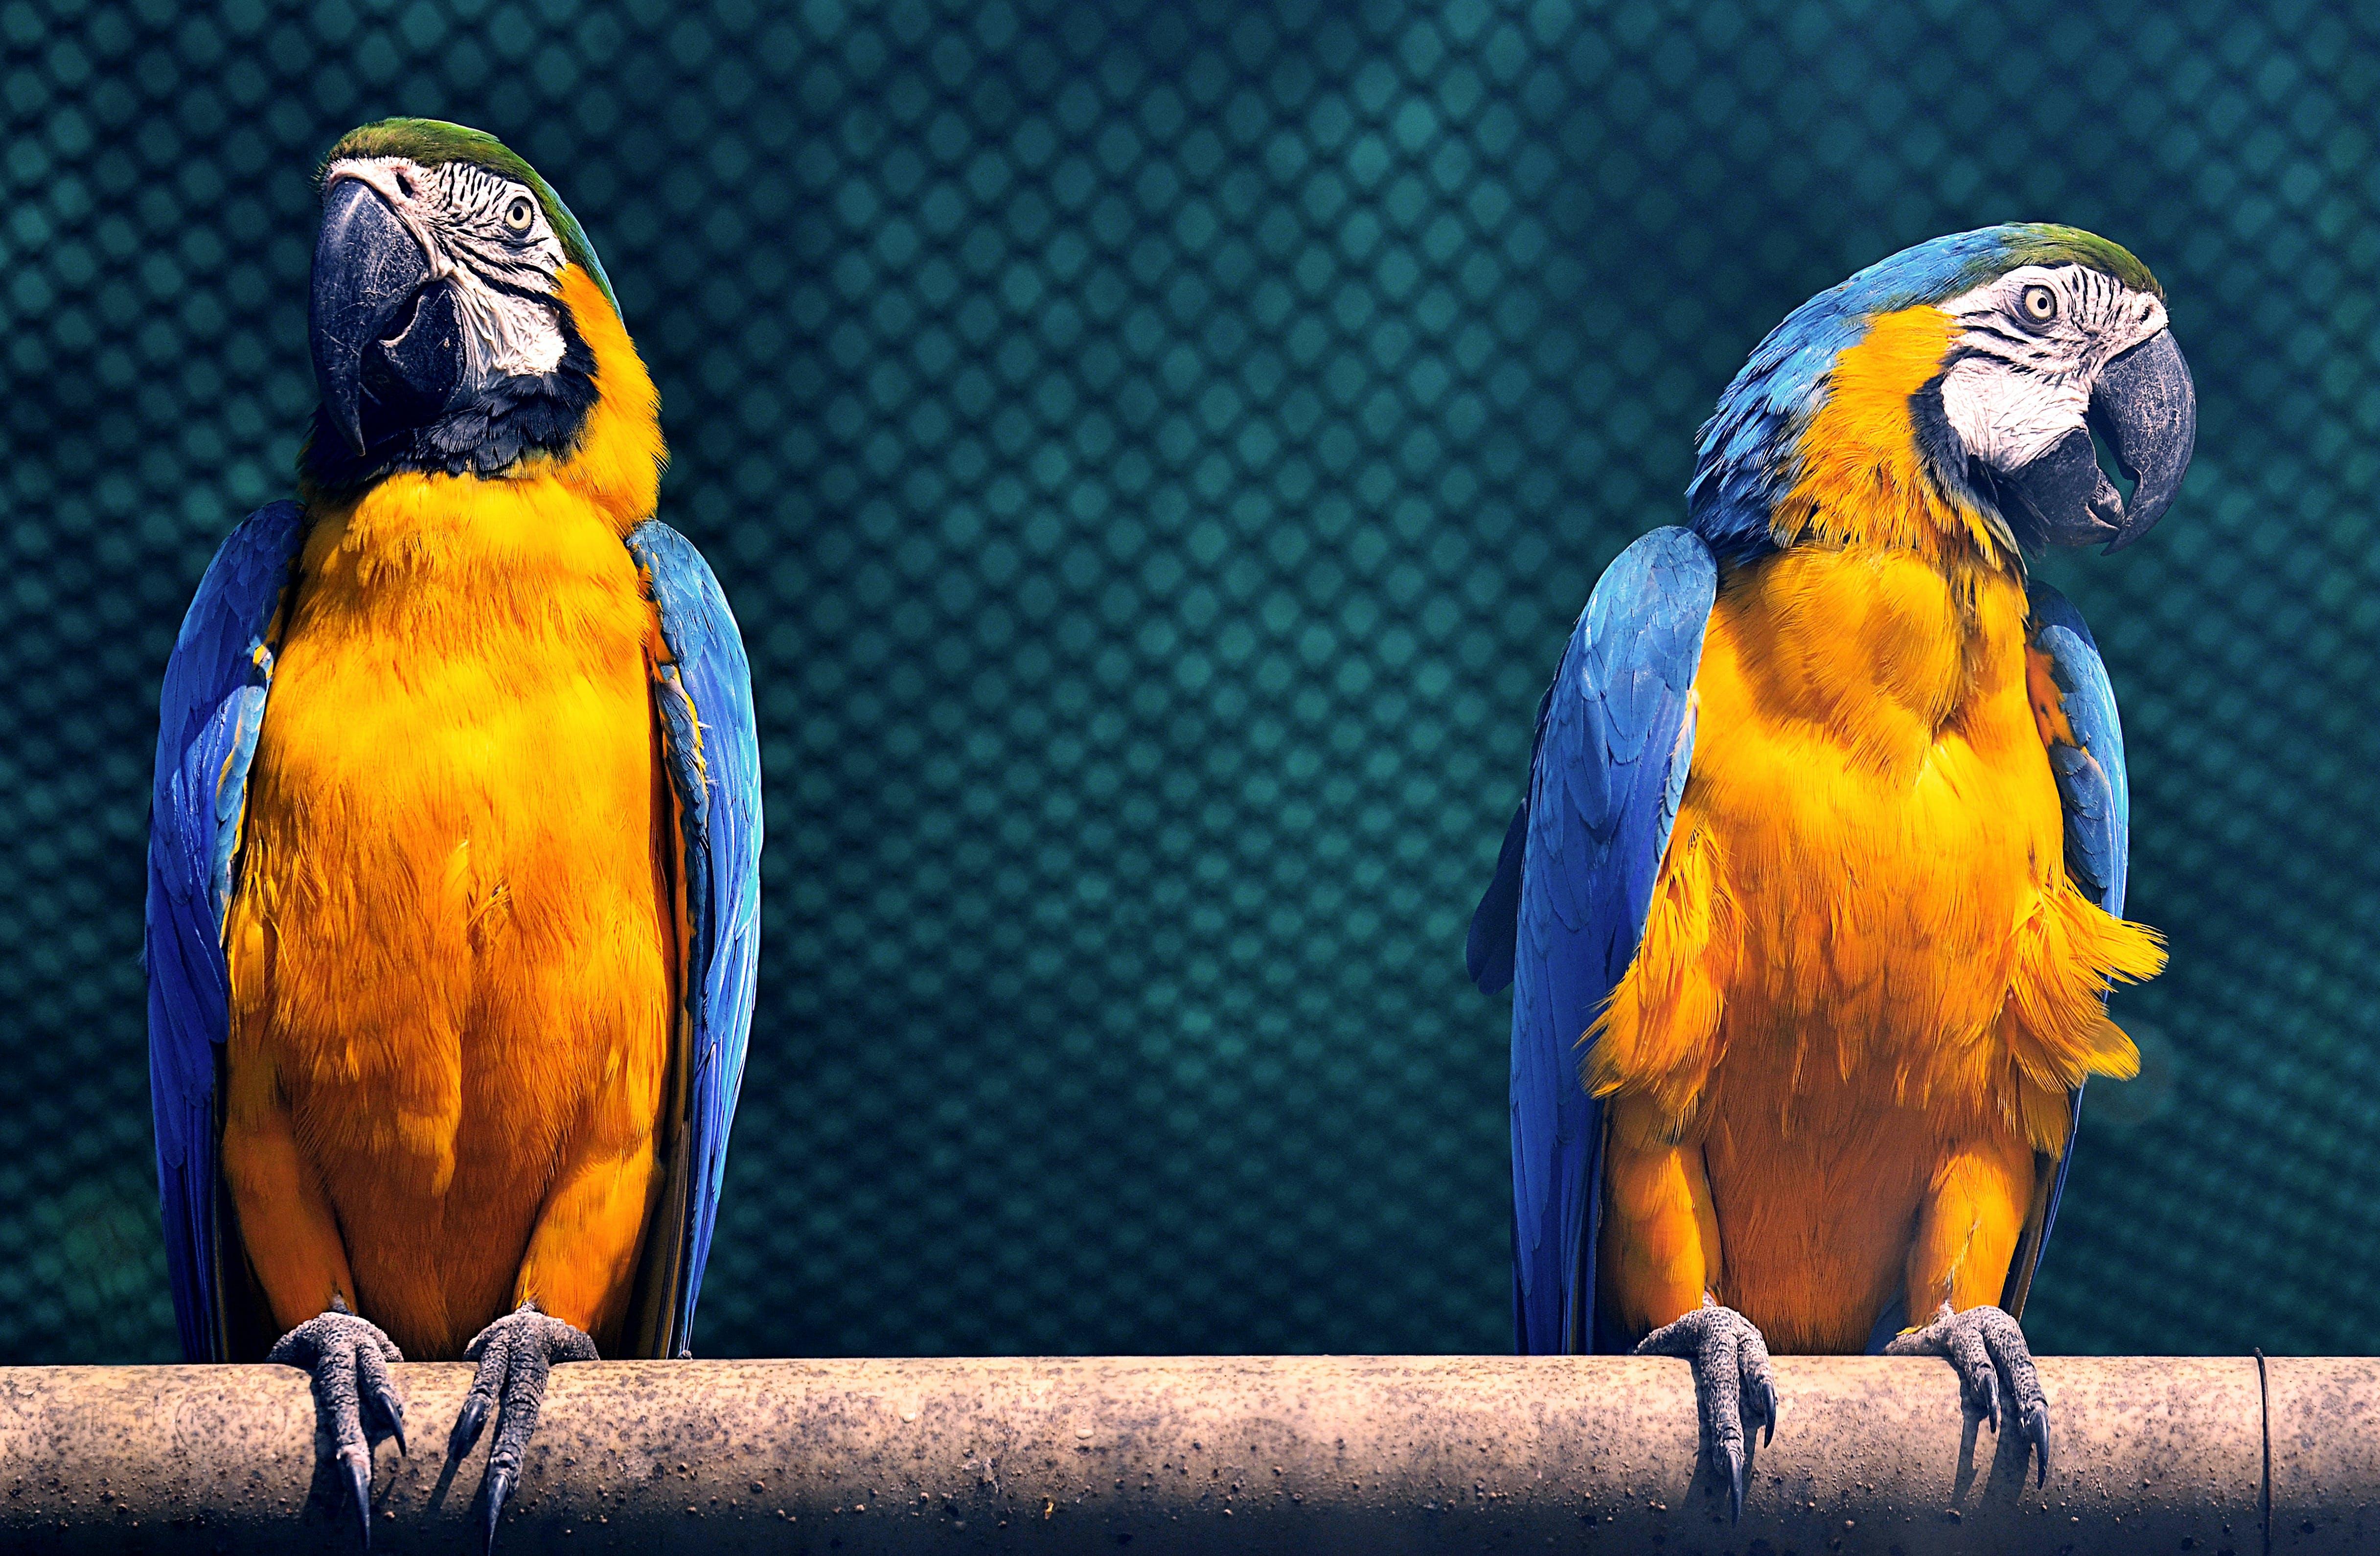 Amerika papağanı, egzotik, hayvanat bahçesi, hayvanlar içeren Ücretsiz stok fotoğraf